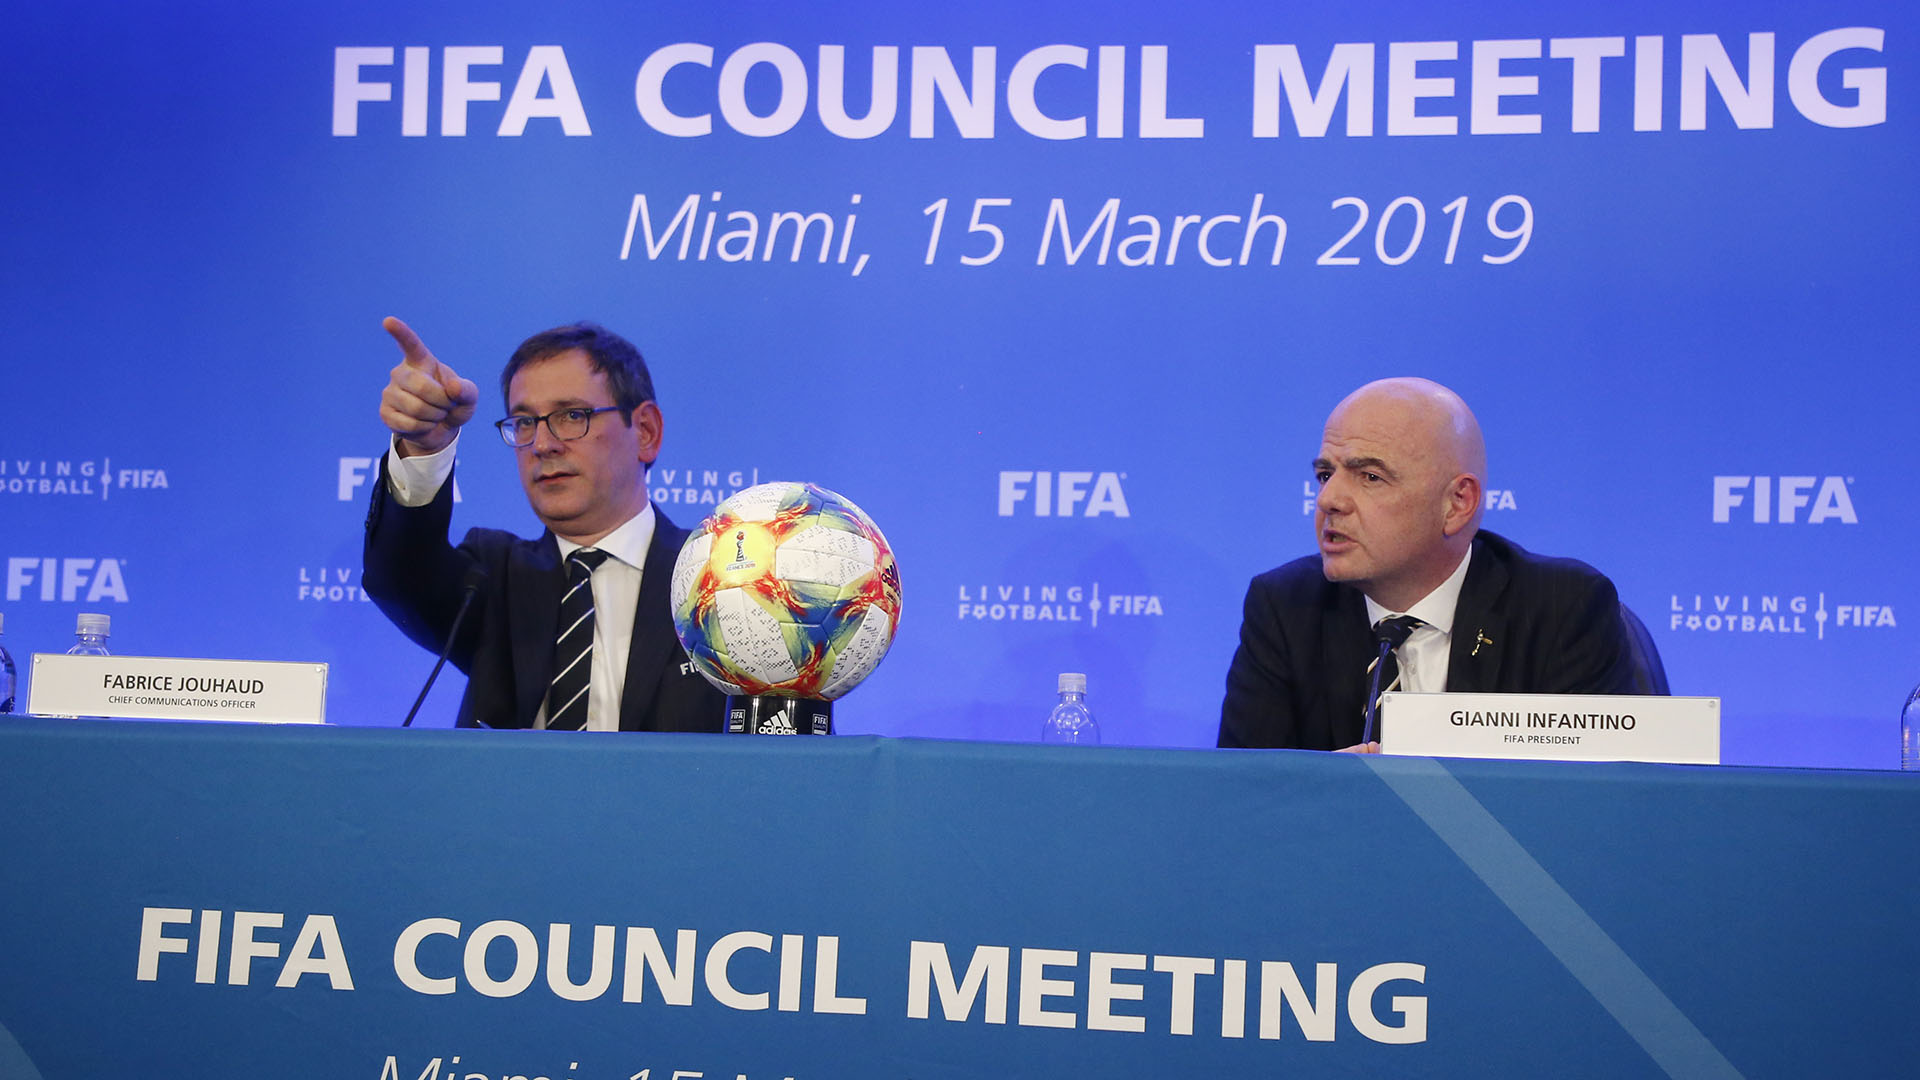 Fabrice Jouhaud, vocero de la FIFA, acompañó a Infantino en los anuncios de la FIFA (AFP)